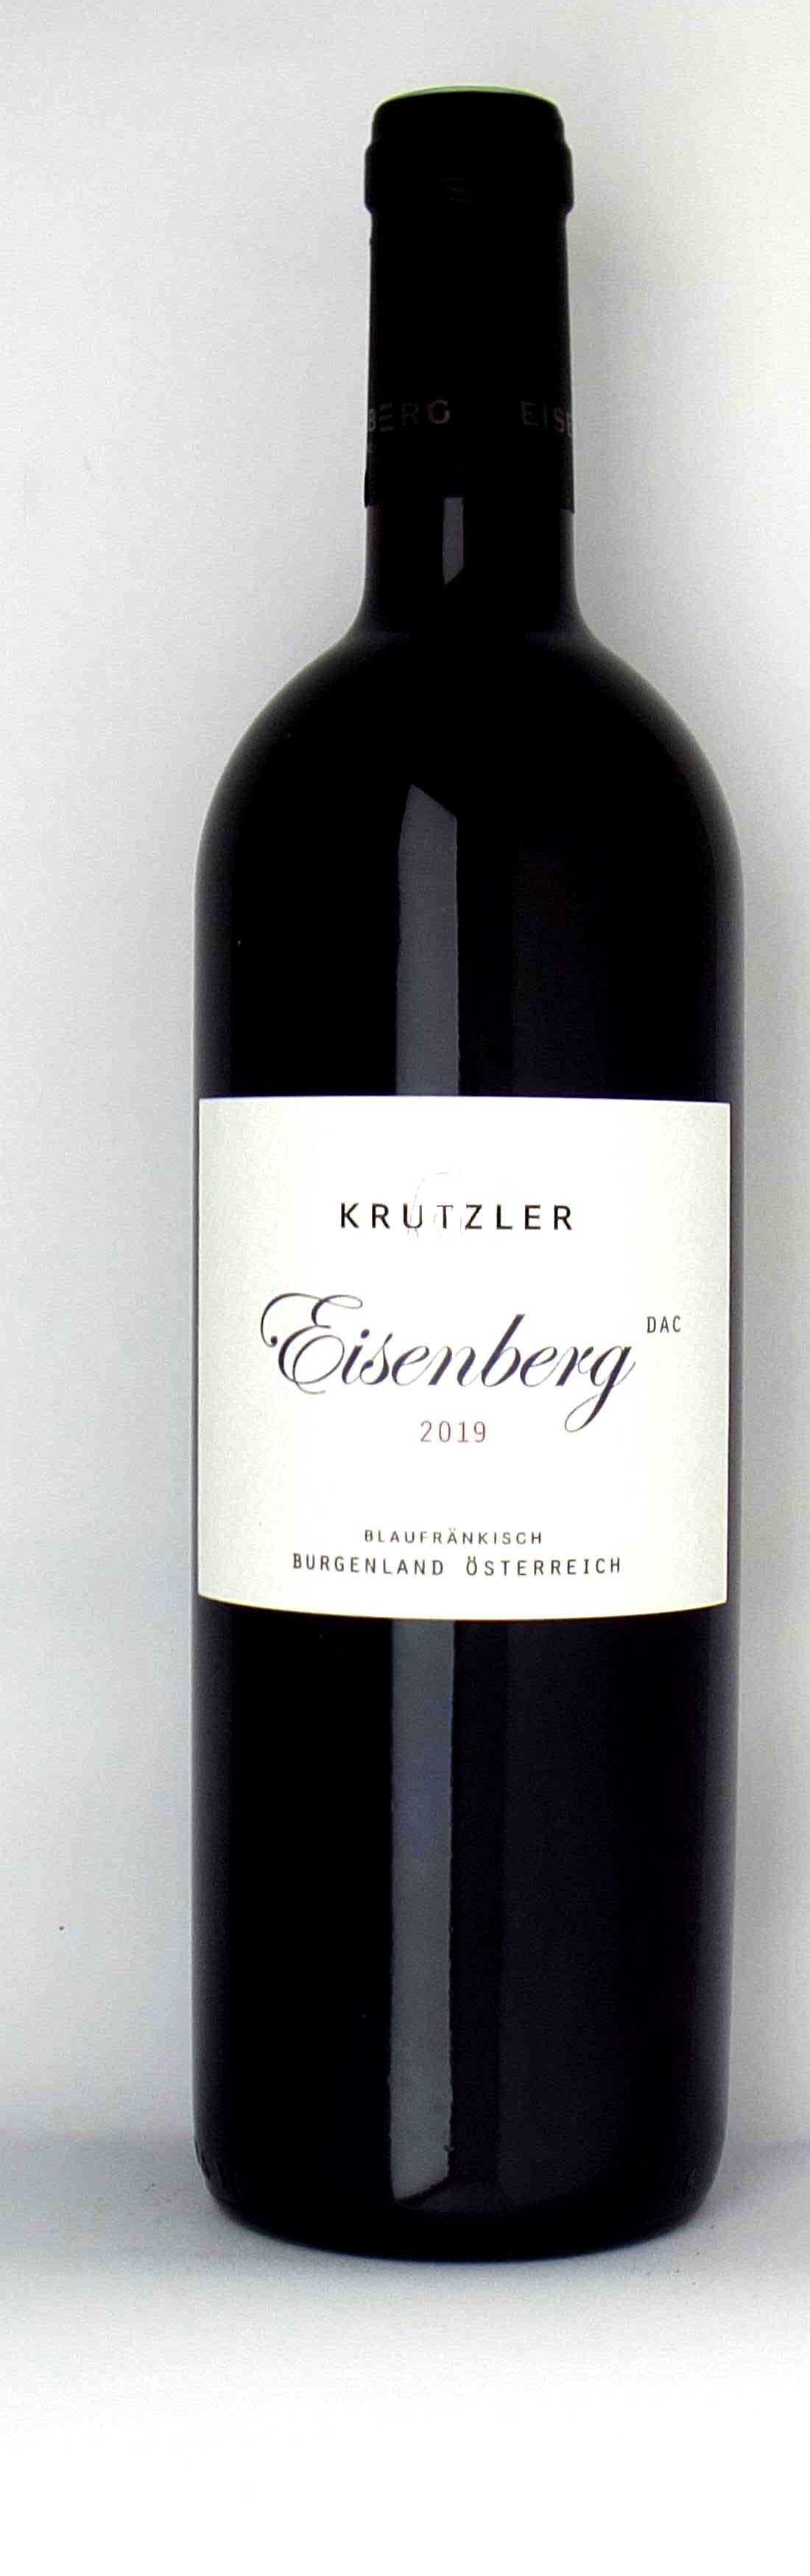 Vinothek Eisenberg Eisenberg DAC 2019 Krutzler